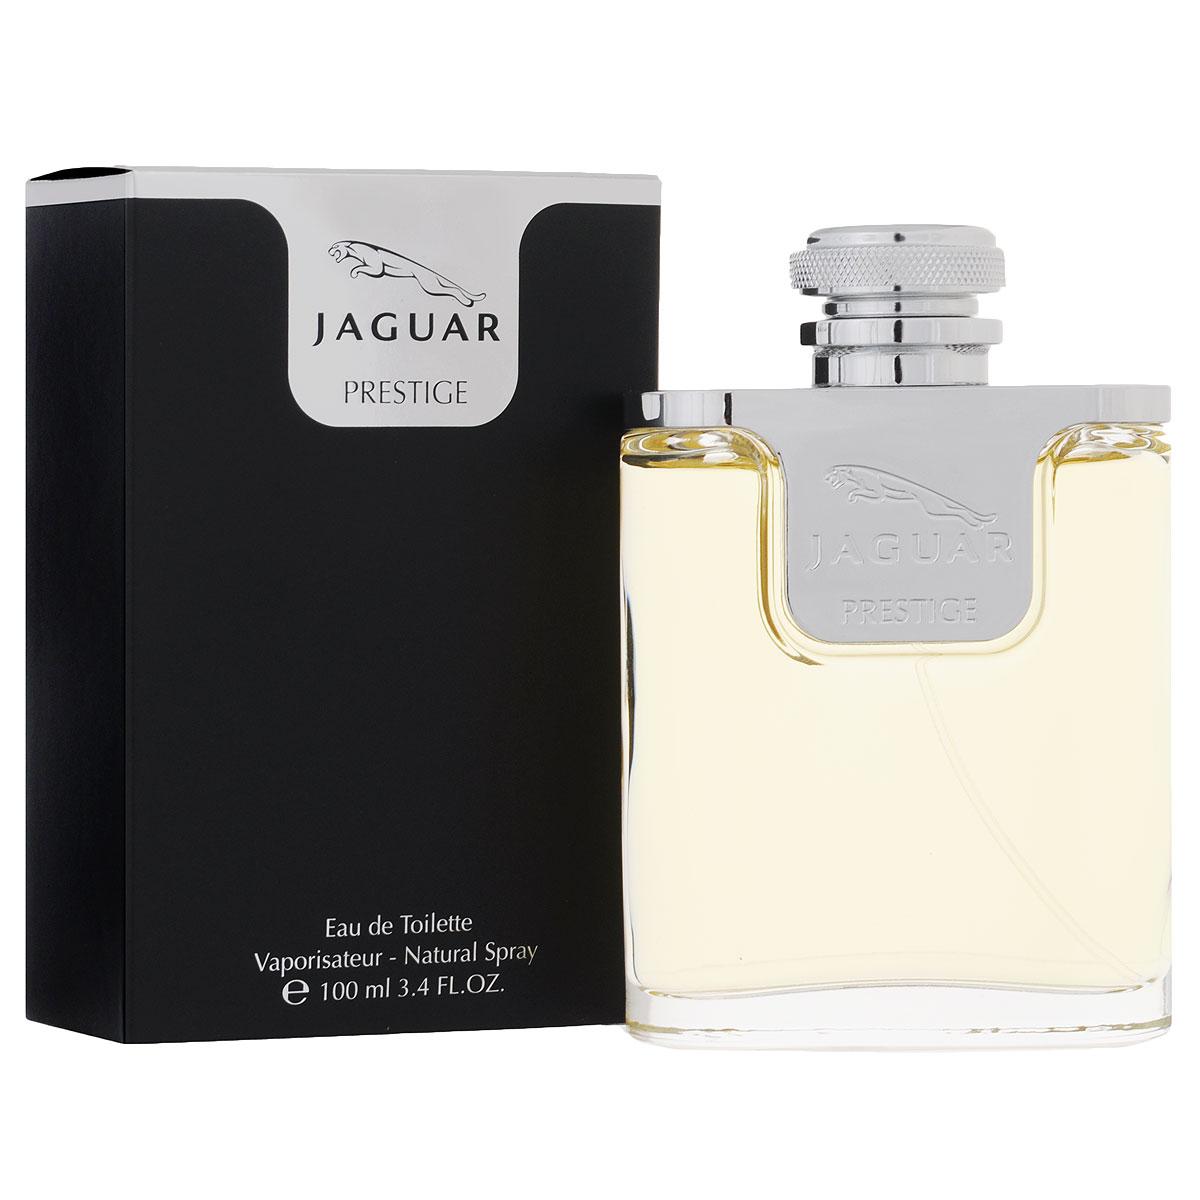 Jaguar Туалетная вода Prestige, мужская, 100 млJ480308Строгий, несравнимый и мужественный аромат Prestige от Jaguar облачен в гладкий и элегантный флакон. Флакон выполнен из качественного тяжелого стекла, а крышечка, завершающая образ, безошибочно напоминает ее обладателя о происхождении бренда и его легендарной истории. Сам аромат такой же динамичный и стремительный как и модель на колесах. Классификация аромата : древесный, пряный. Пирамида аромата : Верхние ноты: сицилийский лимон, итальянский мандарин, бергамот, груша. Ноты сердца: черный и красный перец, кардамон, мускатный орех, кориандр, аромат березовых листьев, лаванда, натуральный каучук. Ноты шлейфа: ладан, сандал, кедр, ветивер, смола, мускус, пачули. Ключевые слова Мужественый, стильный, элегантный! Туалетная вода - один из самых популярных видов парфюмерной продукции. Туалетная вода содержит 4-10% парфюмерного экстракта. Главные...